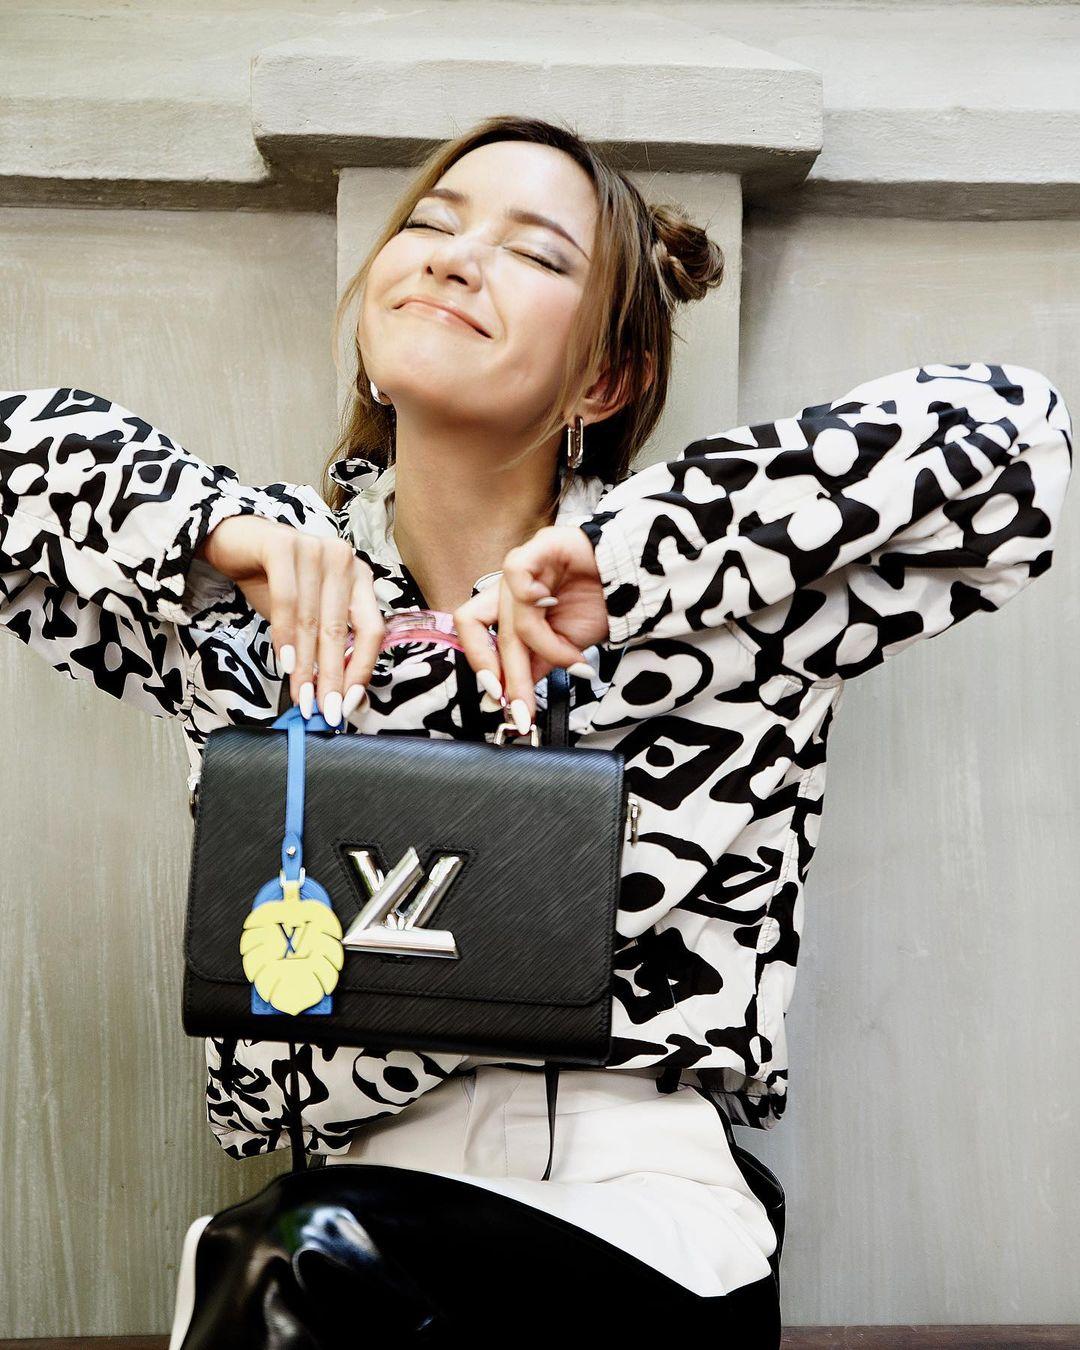 Nayeon (TWICE) bị dân tình mỉa mai vì debut bao năm nhưng giờ mới được dự fashion show danh giá - Ảnh 6.